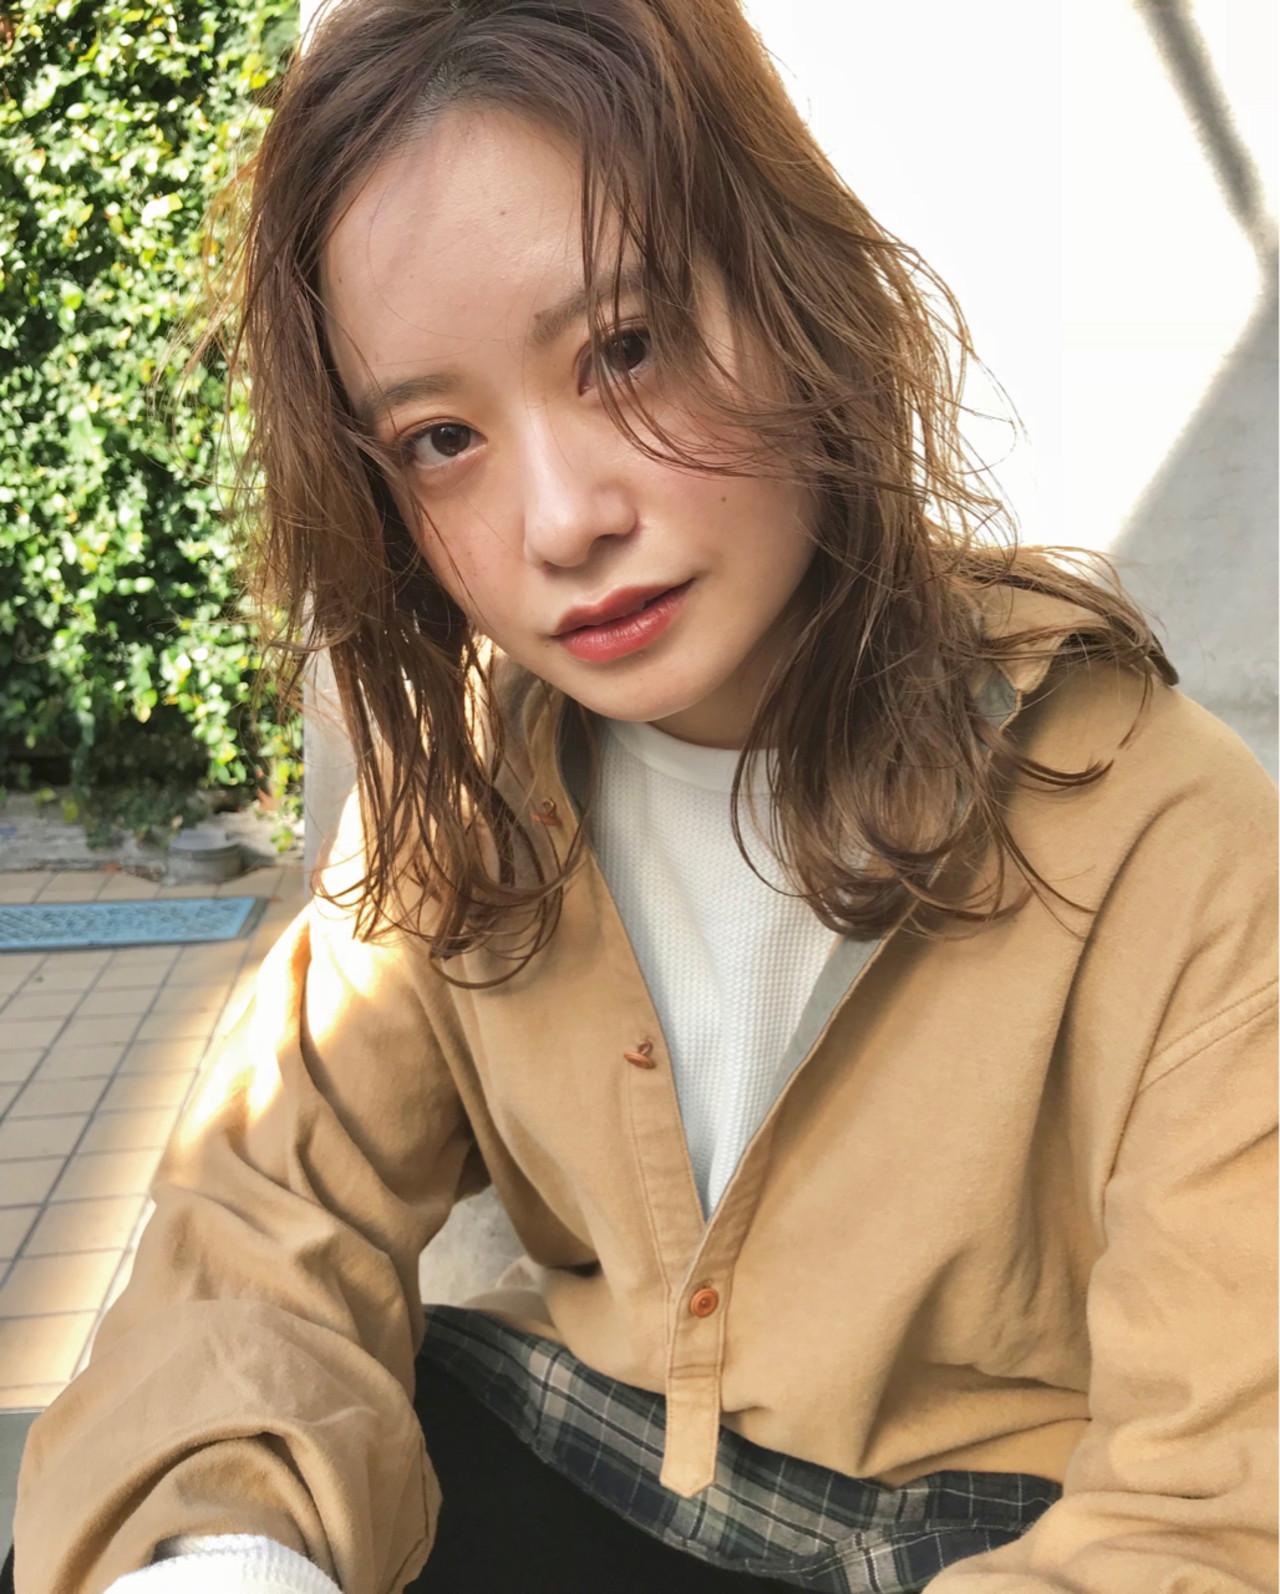 ミディアム アンニュイほつれヘア デート ナチュラル ヘアスタイルや髪型の写真・画像